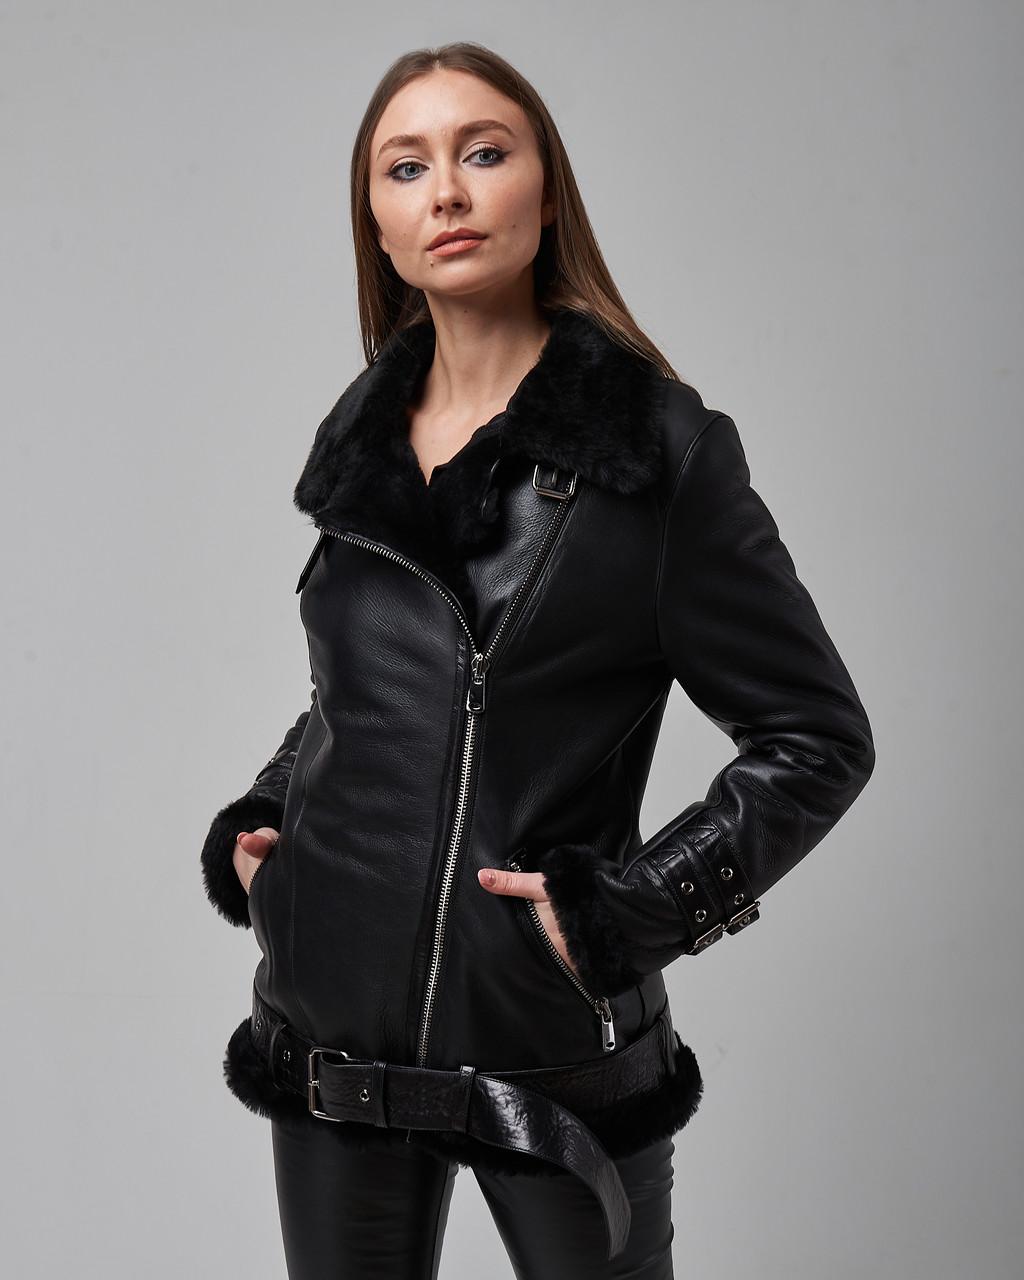 Дубленка женская натуральная черного цвета. Турция